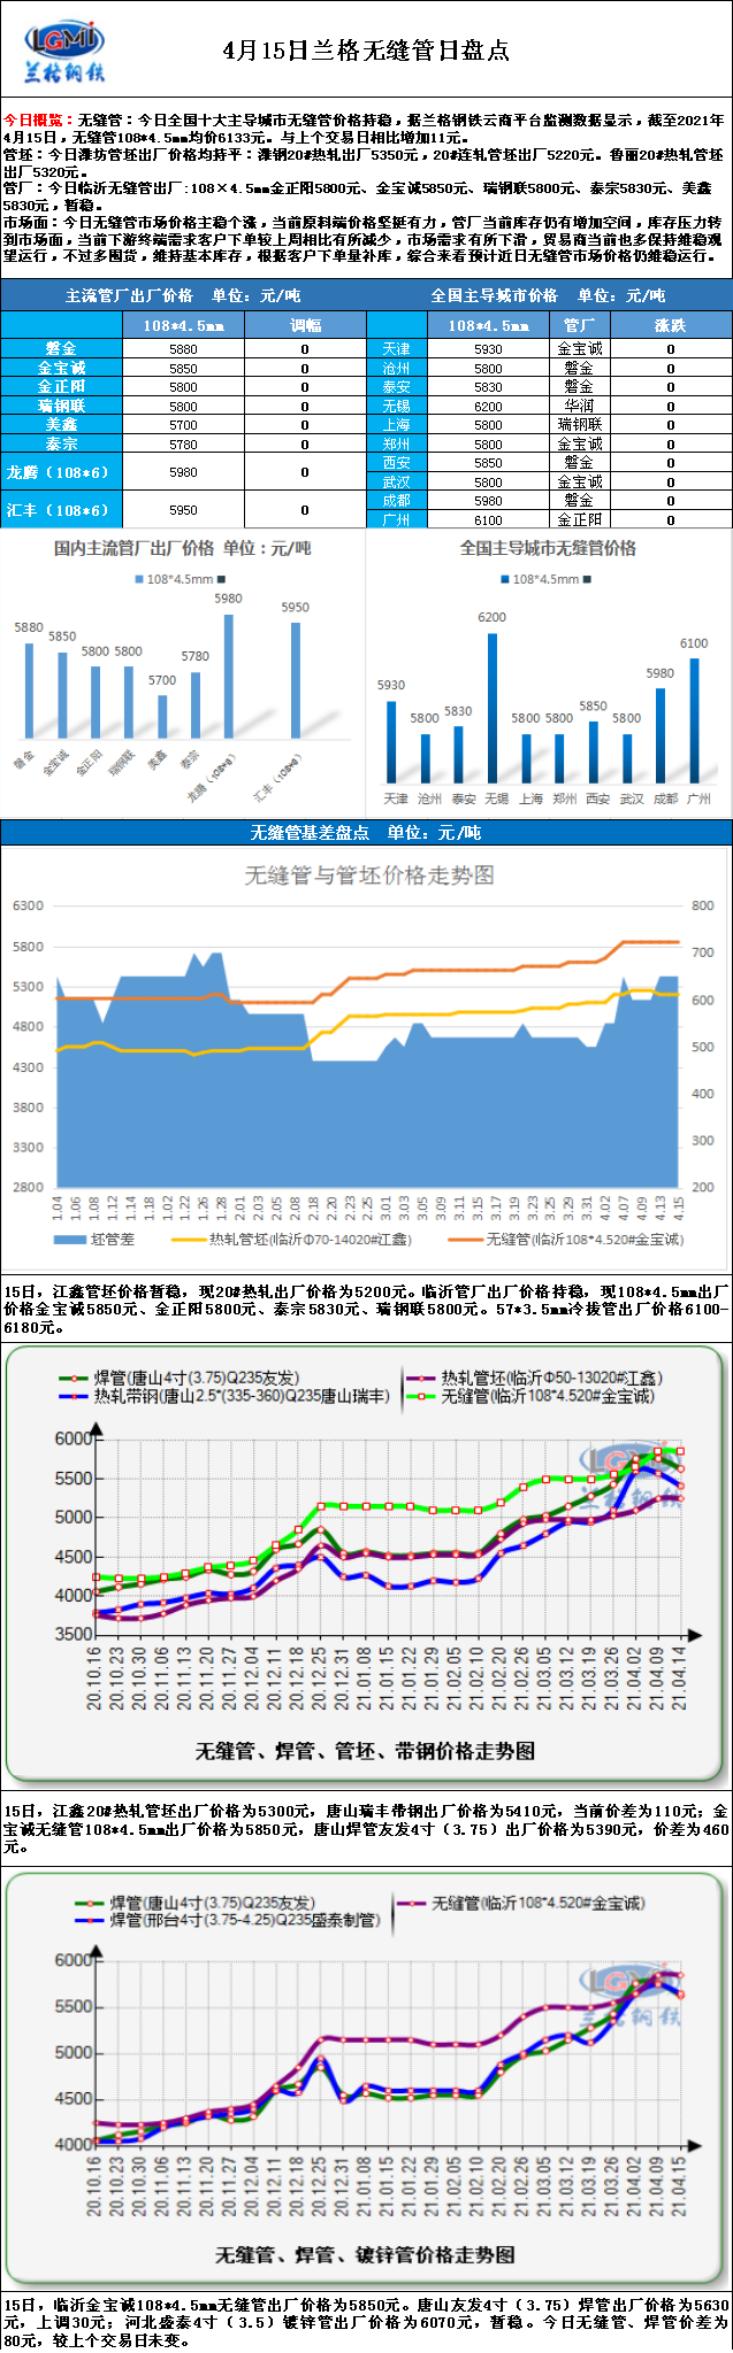 兰格无缝钢管日盘点(4.15):无缝管市场价格持稳观望 囤货意愿减小